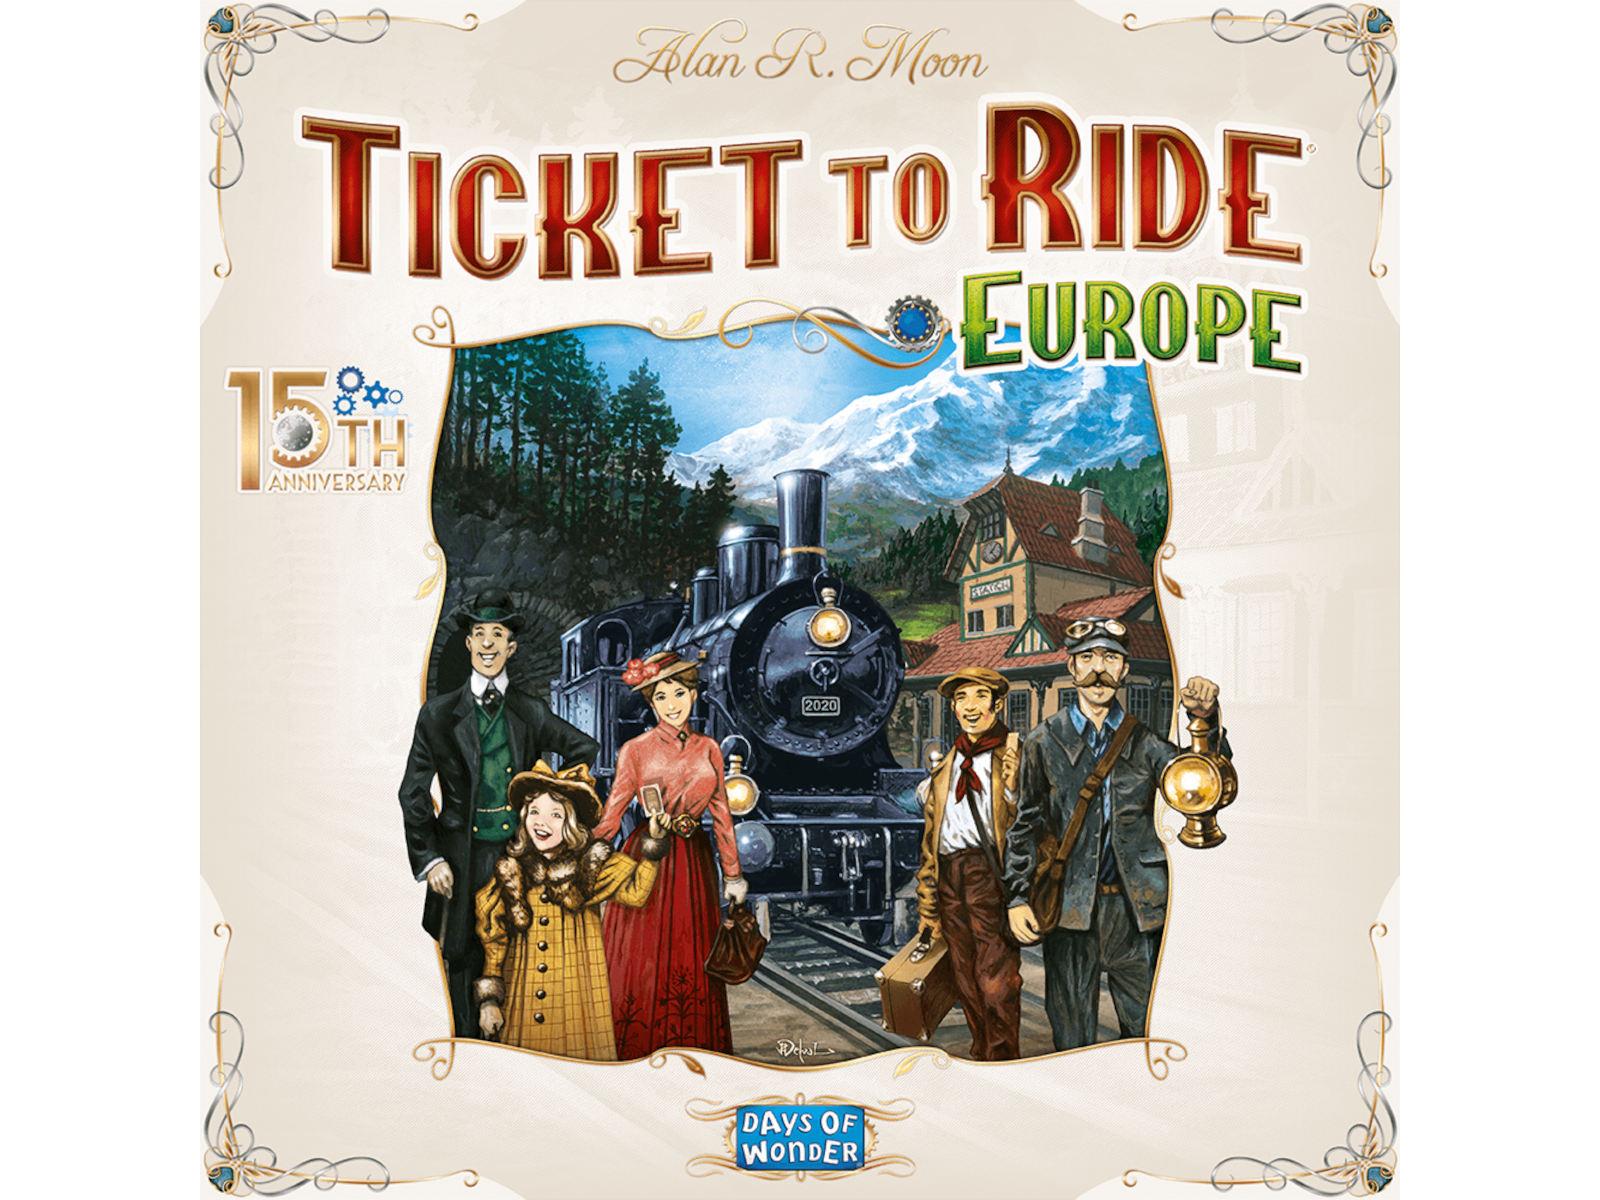 Un'edizione deluxe per i 15 anni di Ticket To Ride Europa